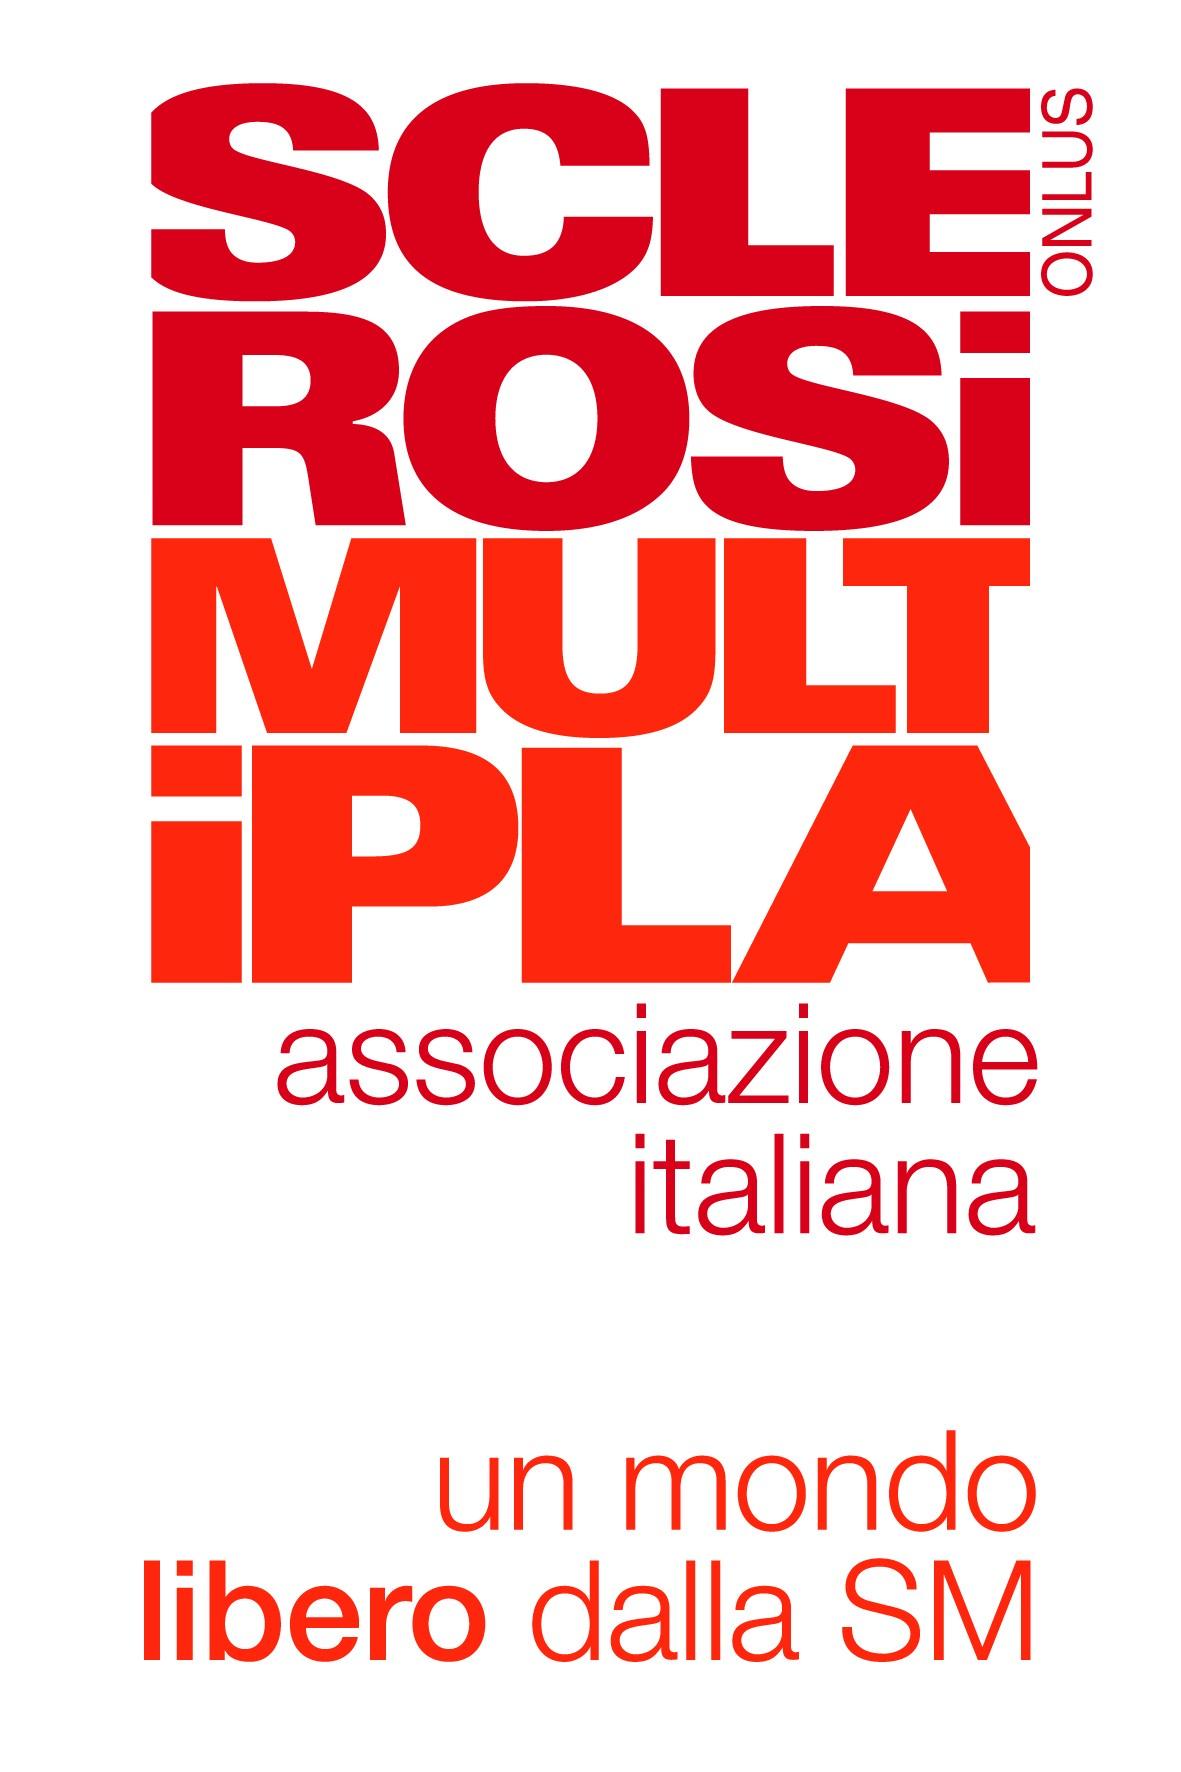 Rete del Dono - AISM - Sezione di Milano